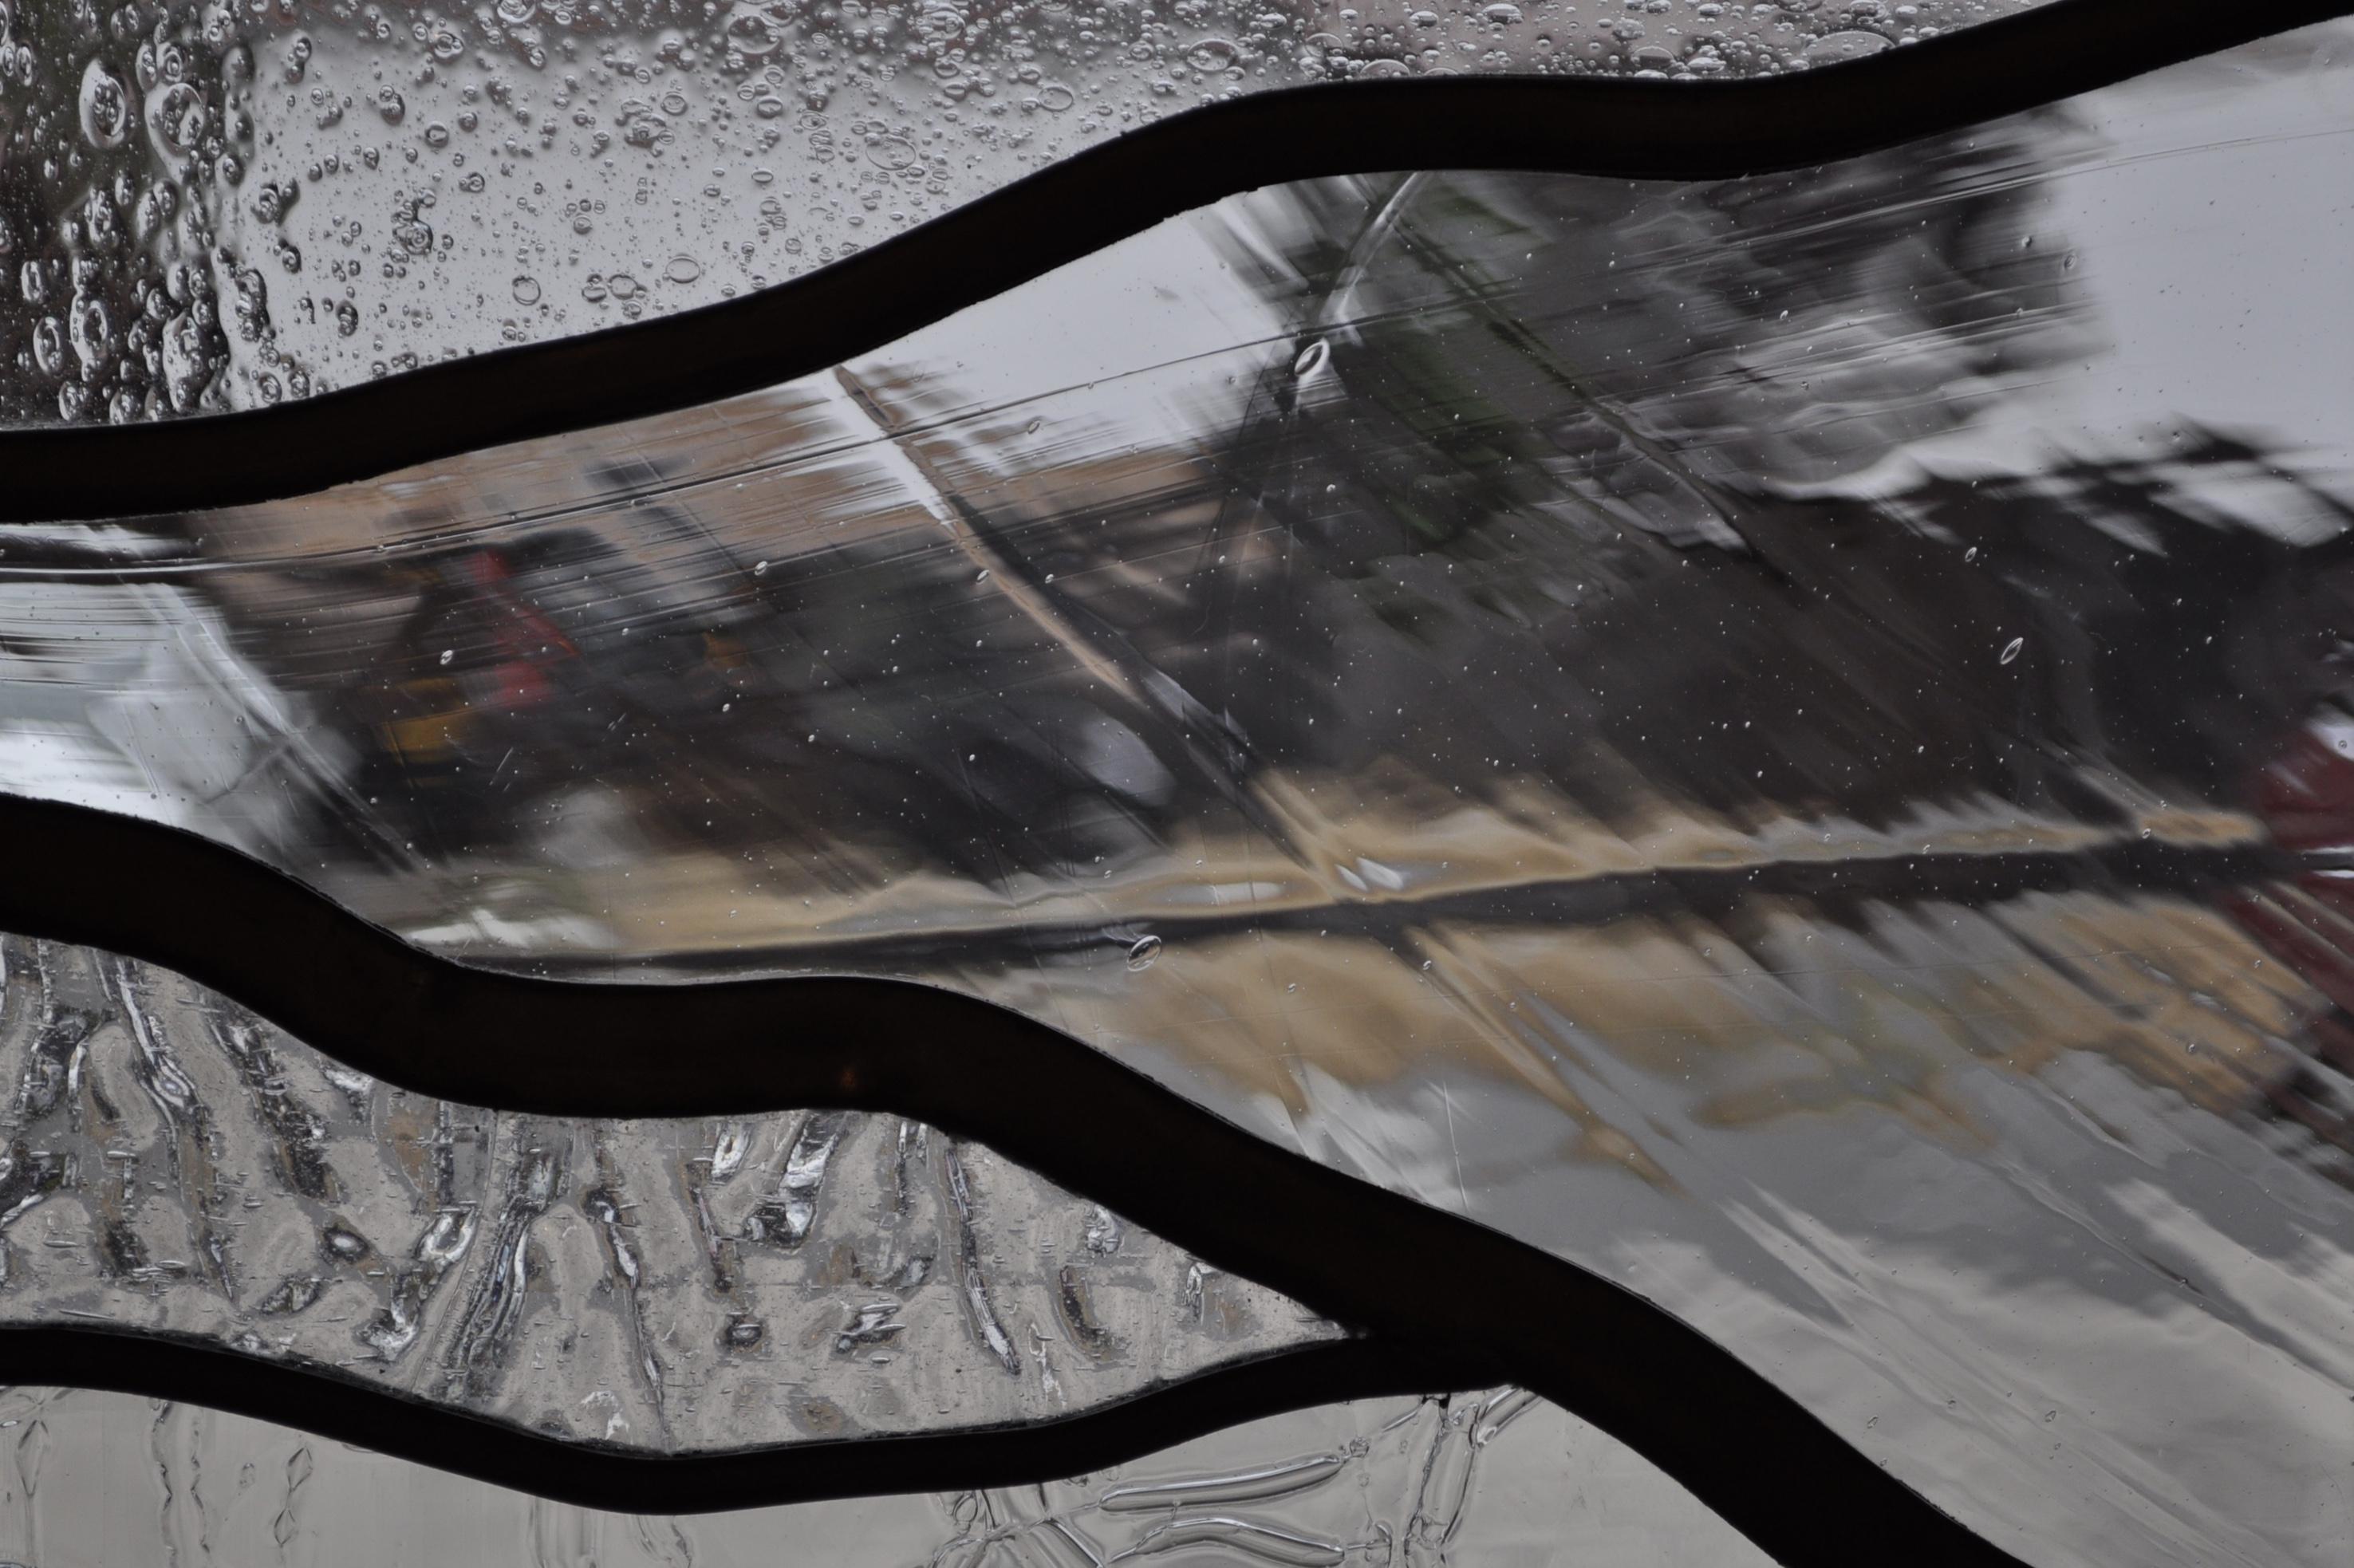 atelier mado 神戸 ステンドグラス オーダー パネル作品